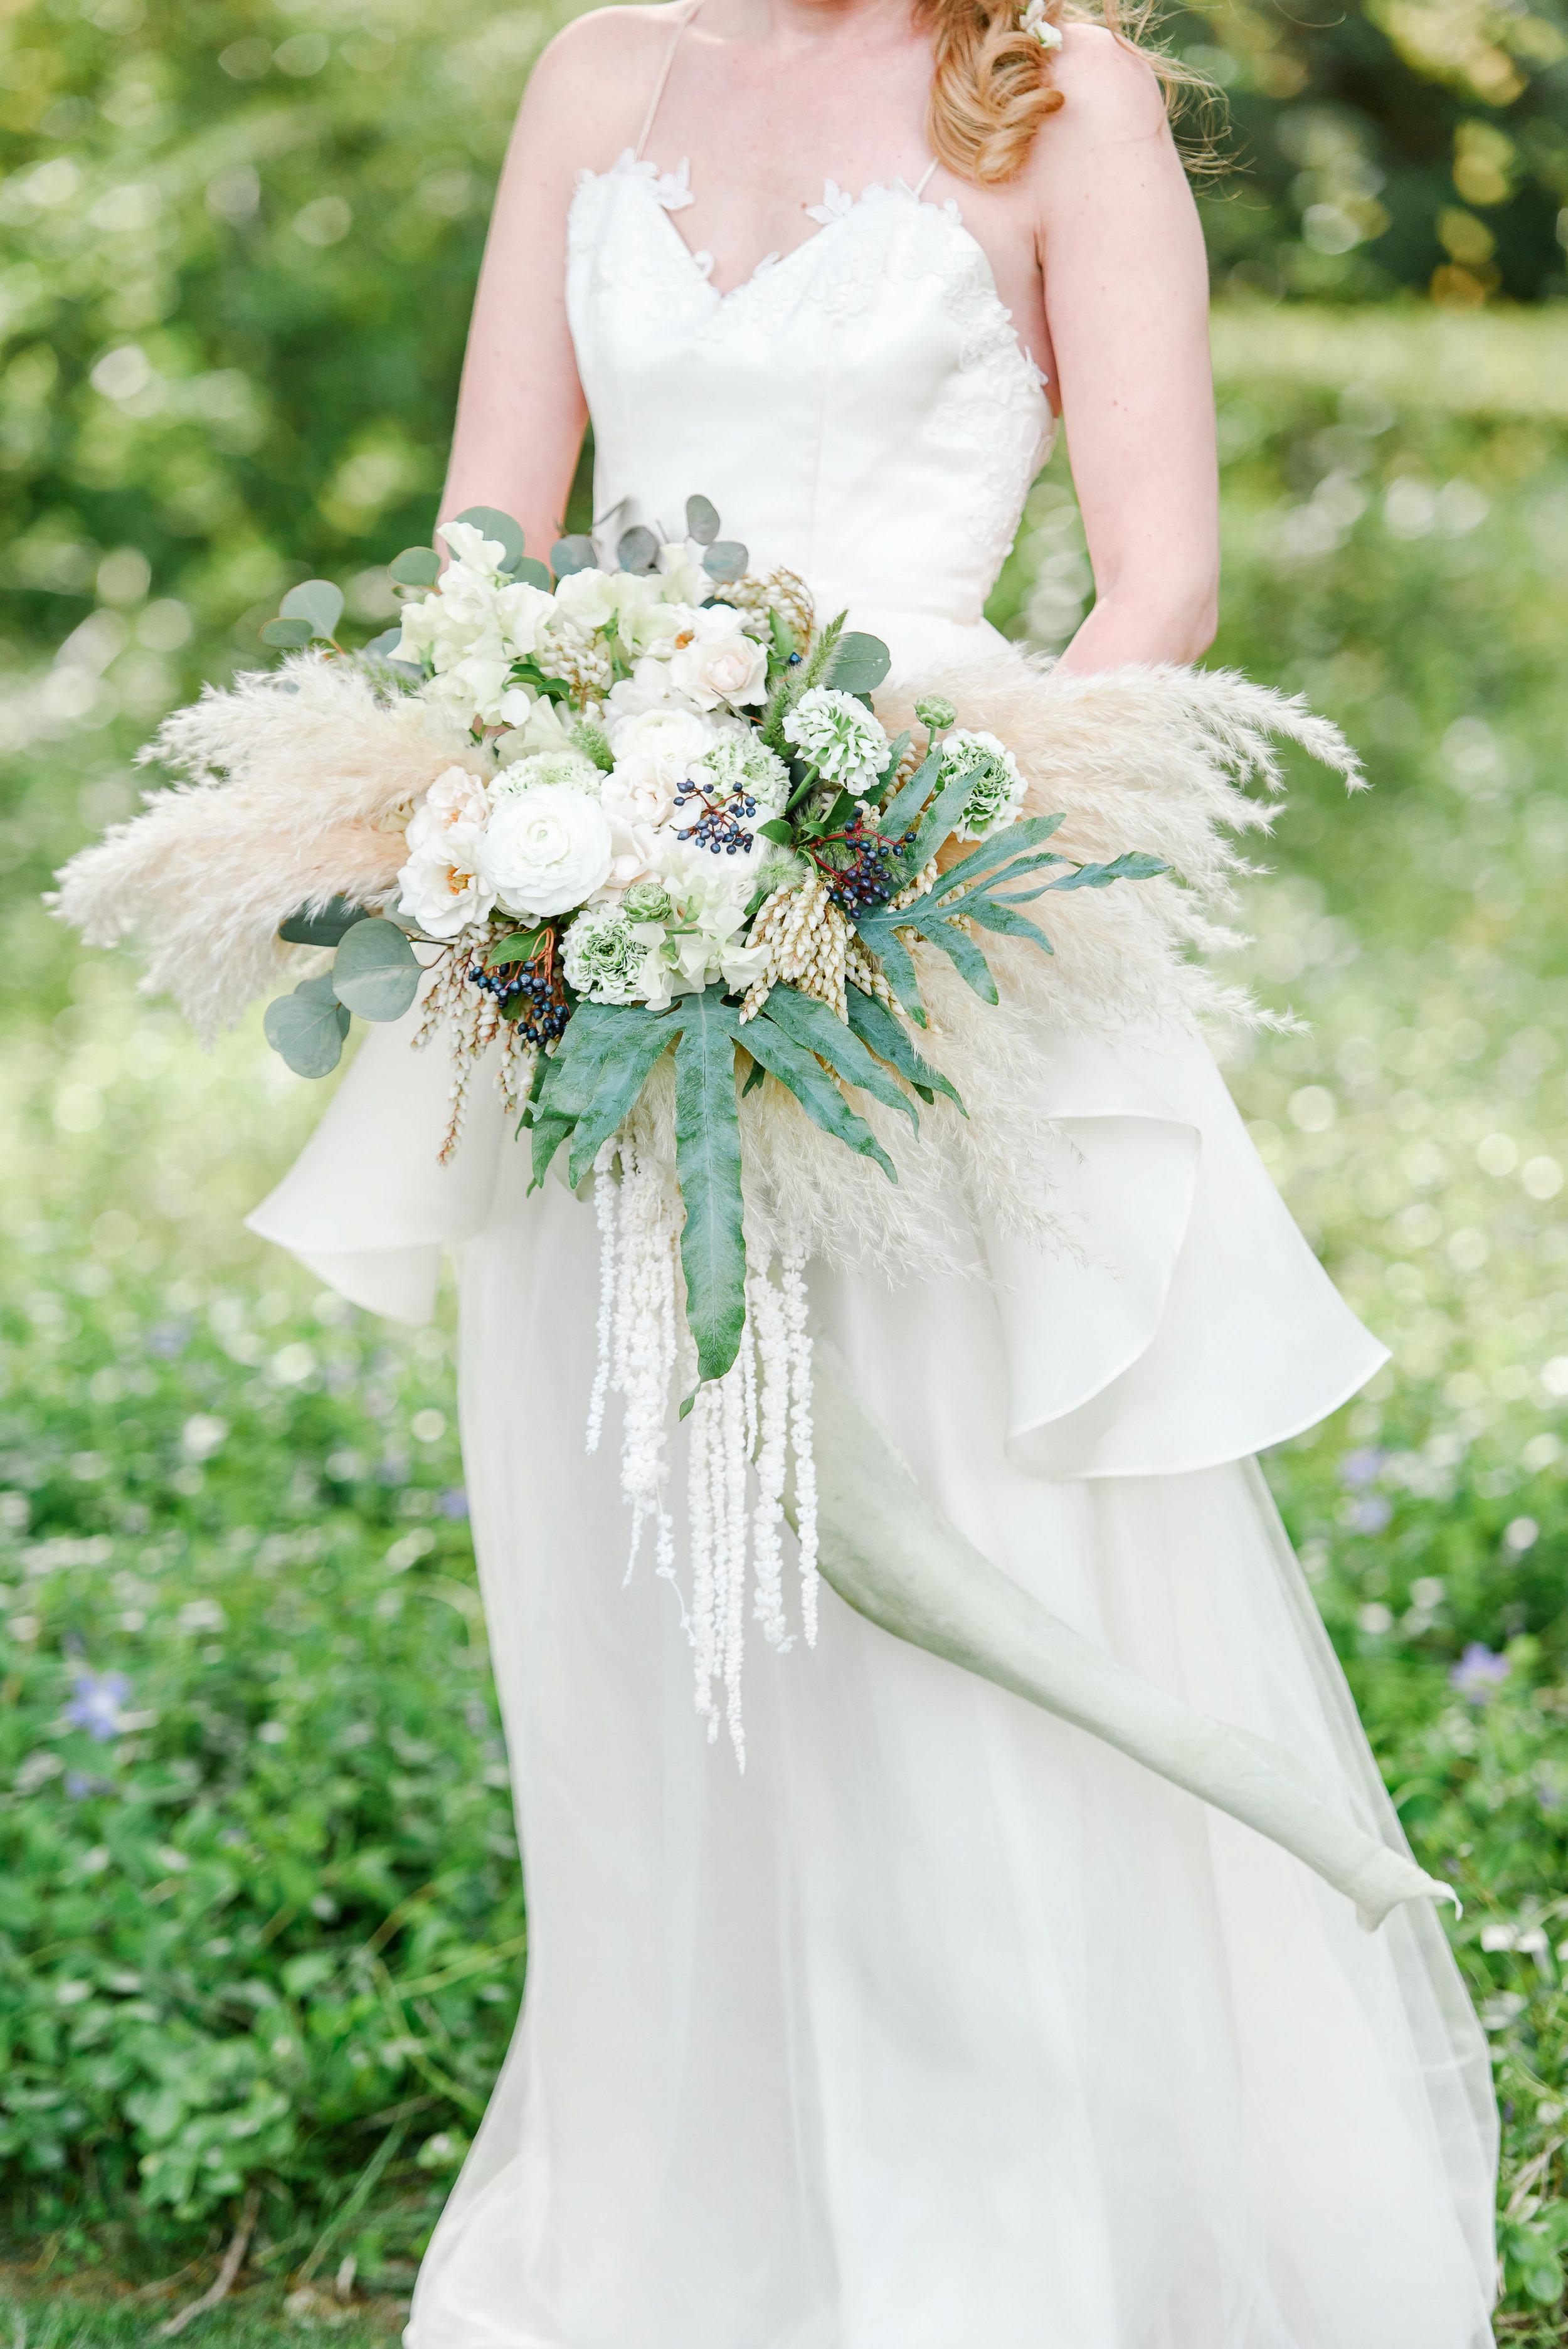 Unique Bridal Bouquet | Neutral Bridal Bouquet | Pampas Grass | Wedding Flowers